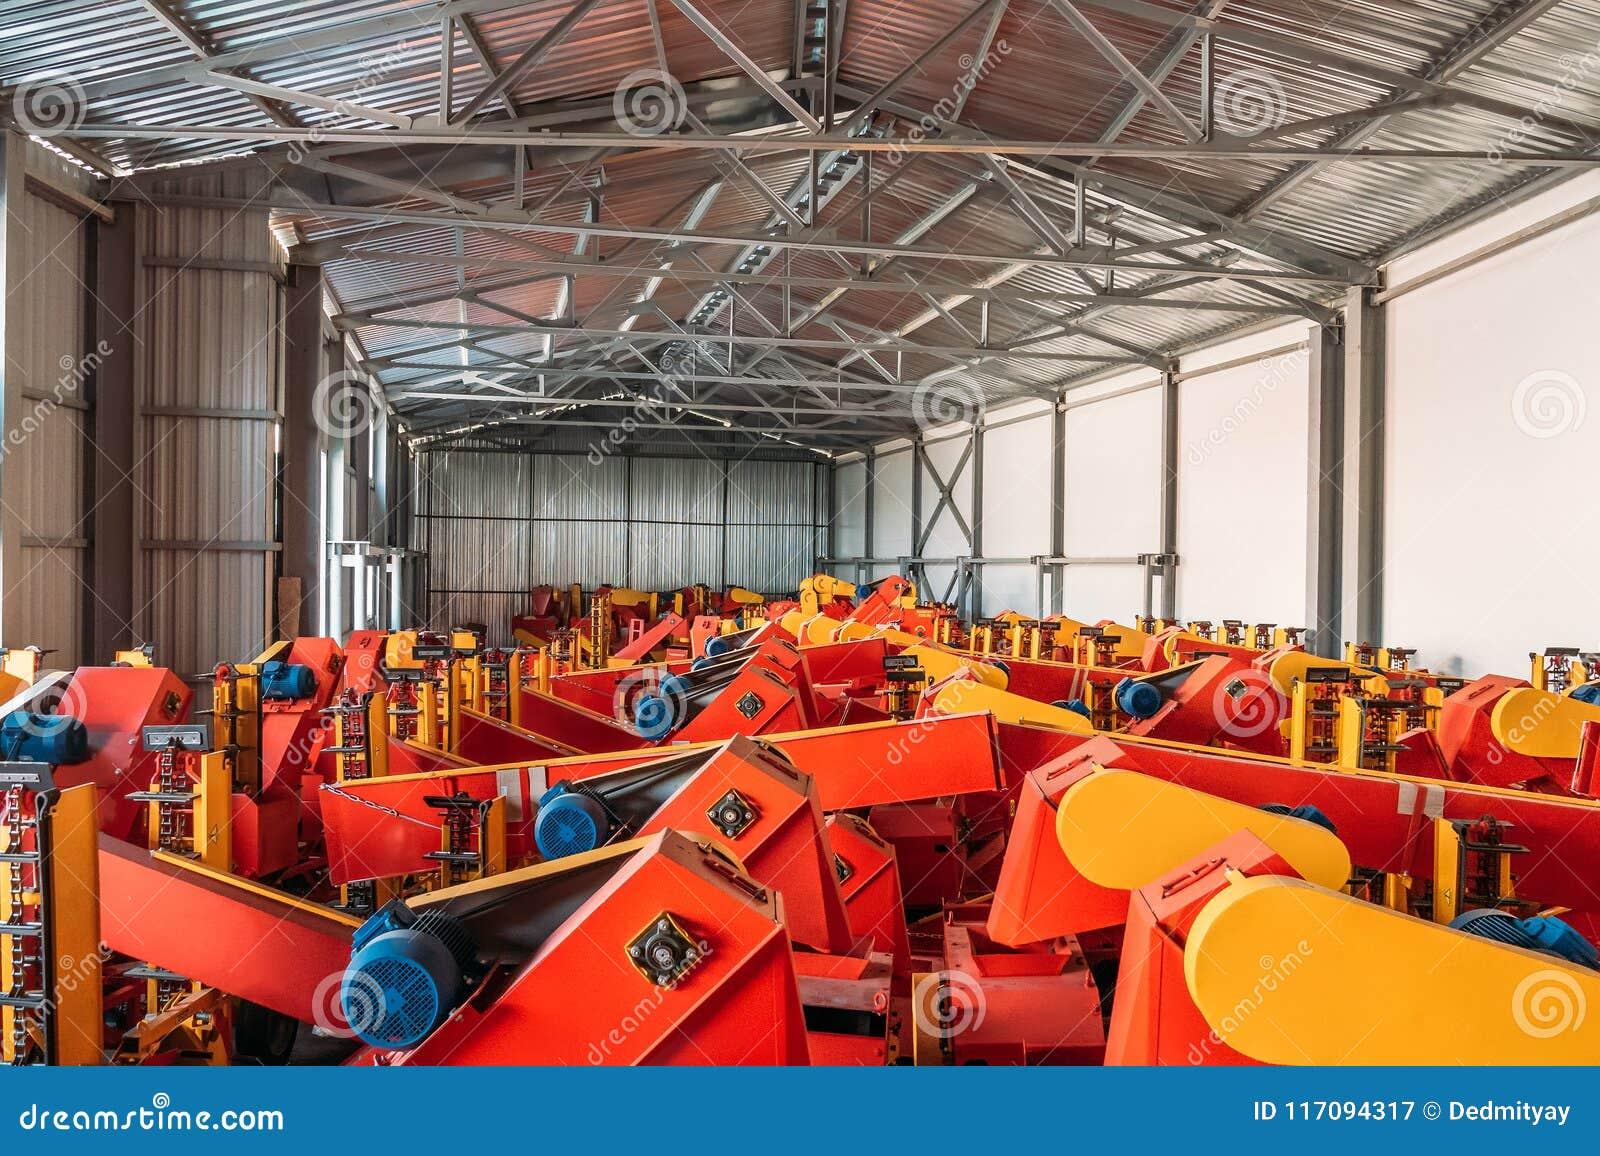 Wielki przestronny hangar lub magazyn z przemysłowymi rolniczymi maszynami i syndykatami